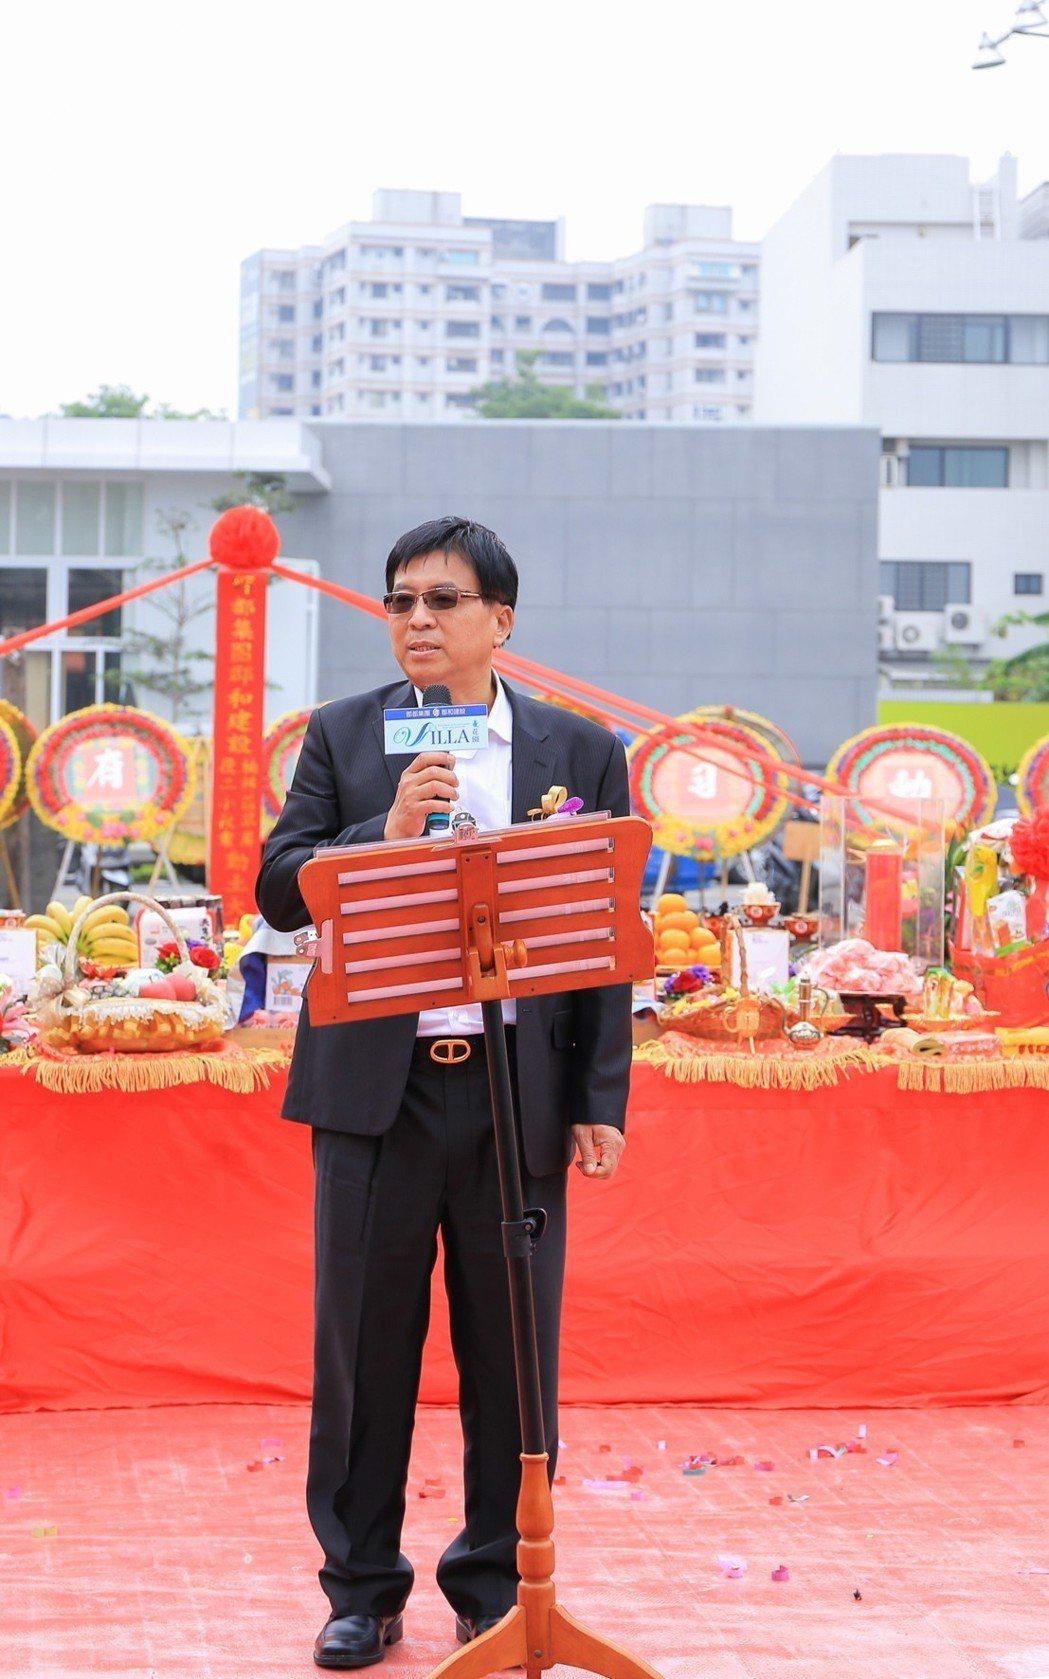 郡都集團總裁唐榮華說,該公司三年後總銷可達100億。 攝影/張世雅